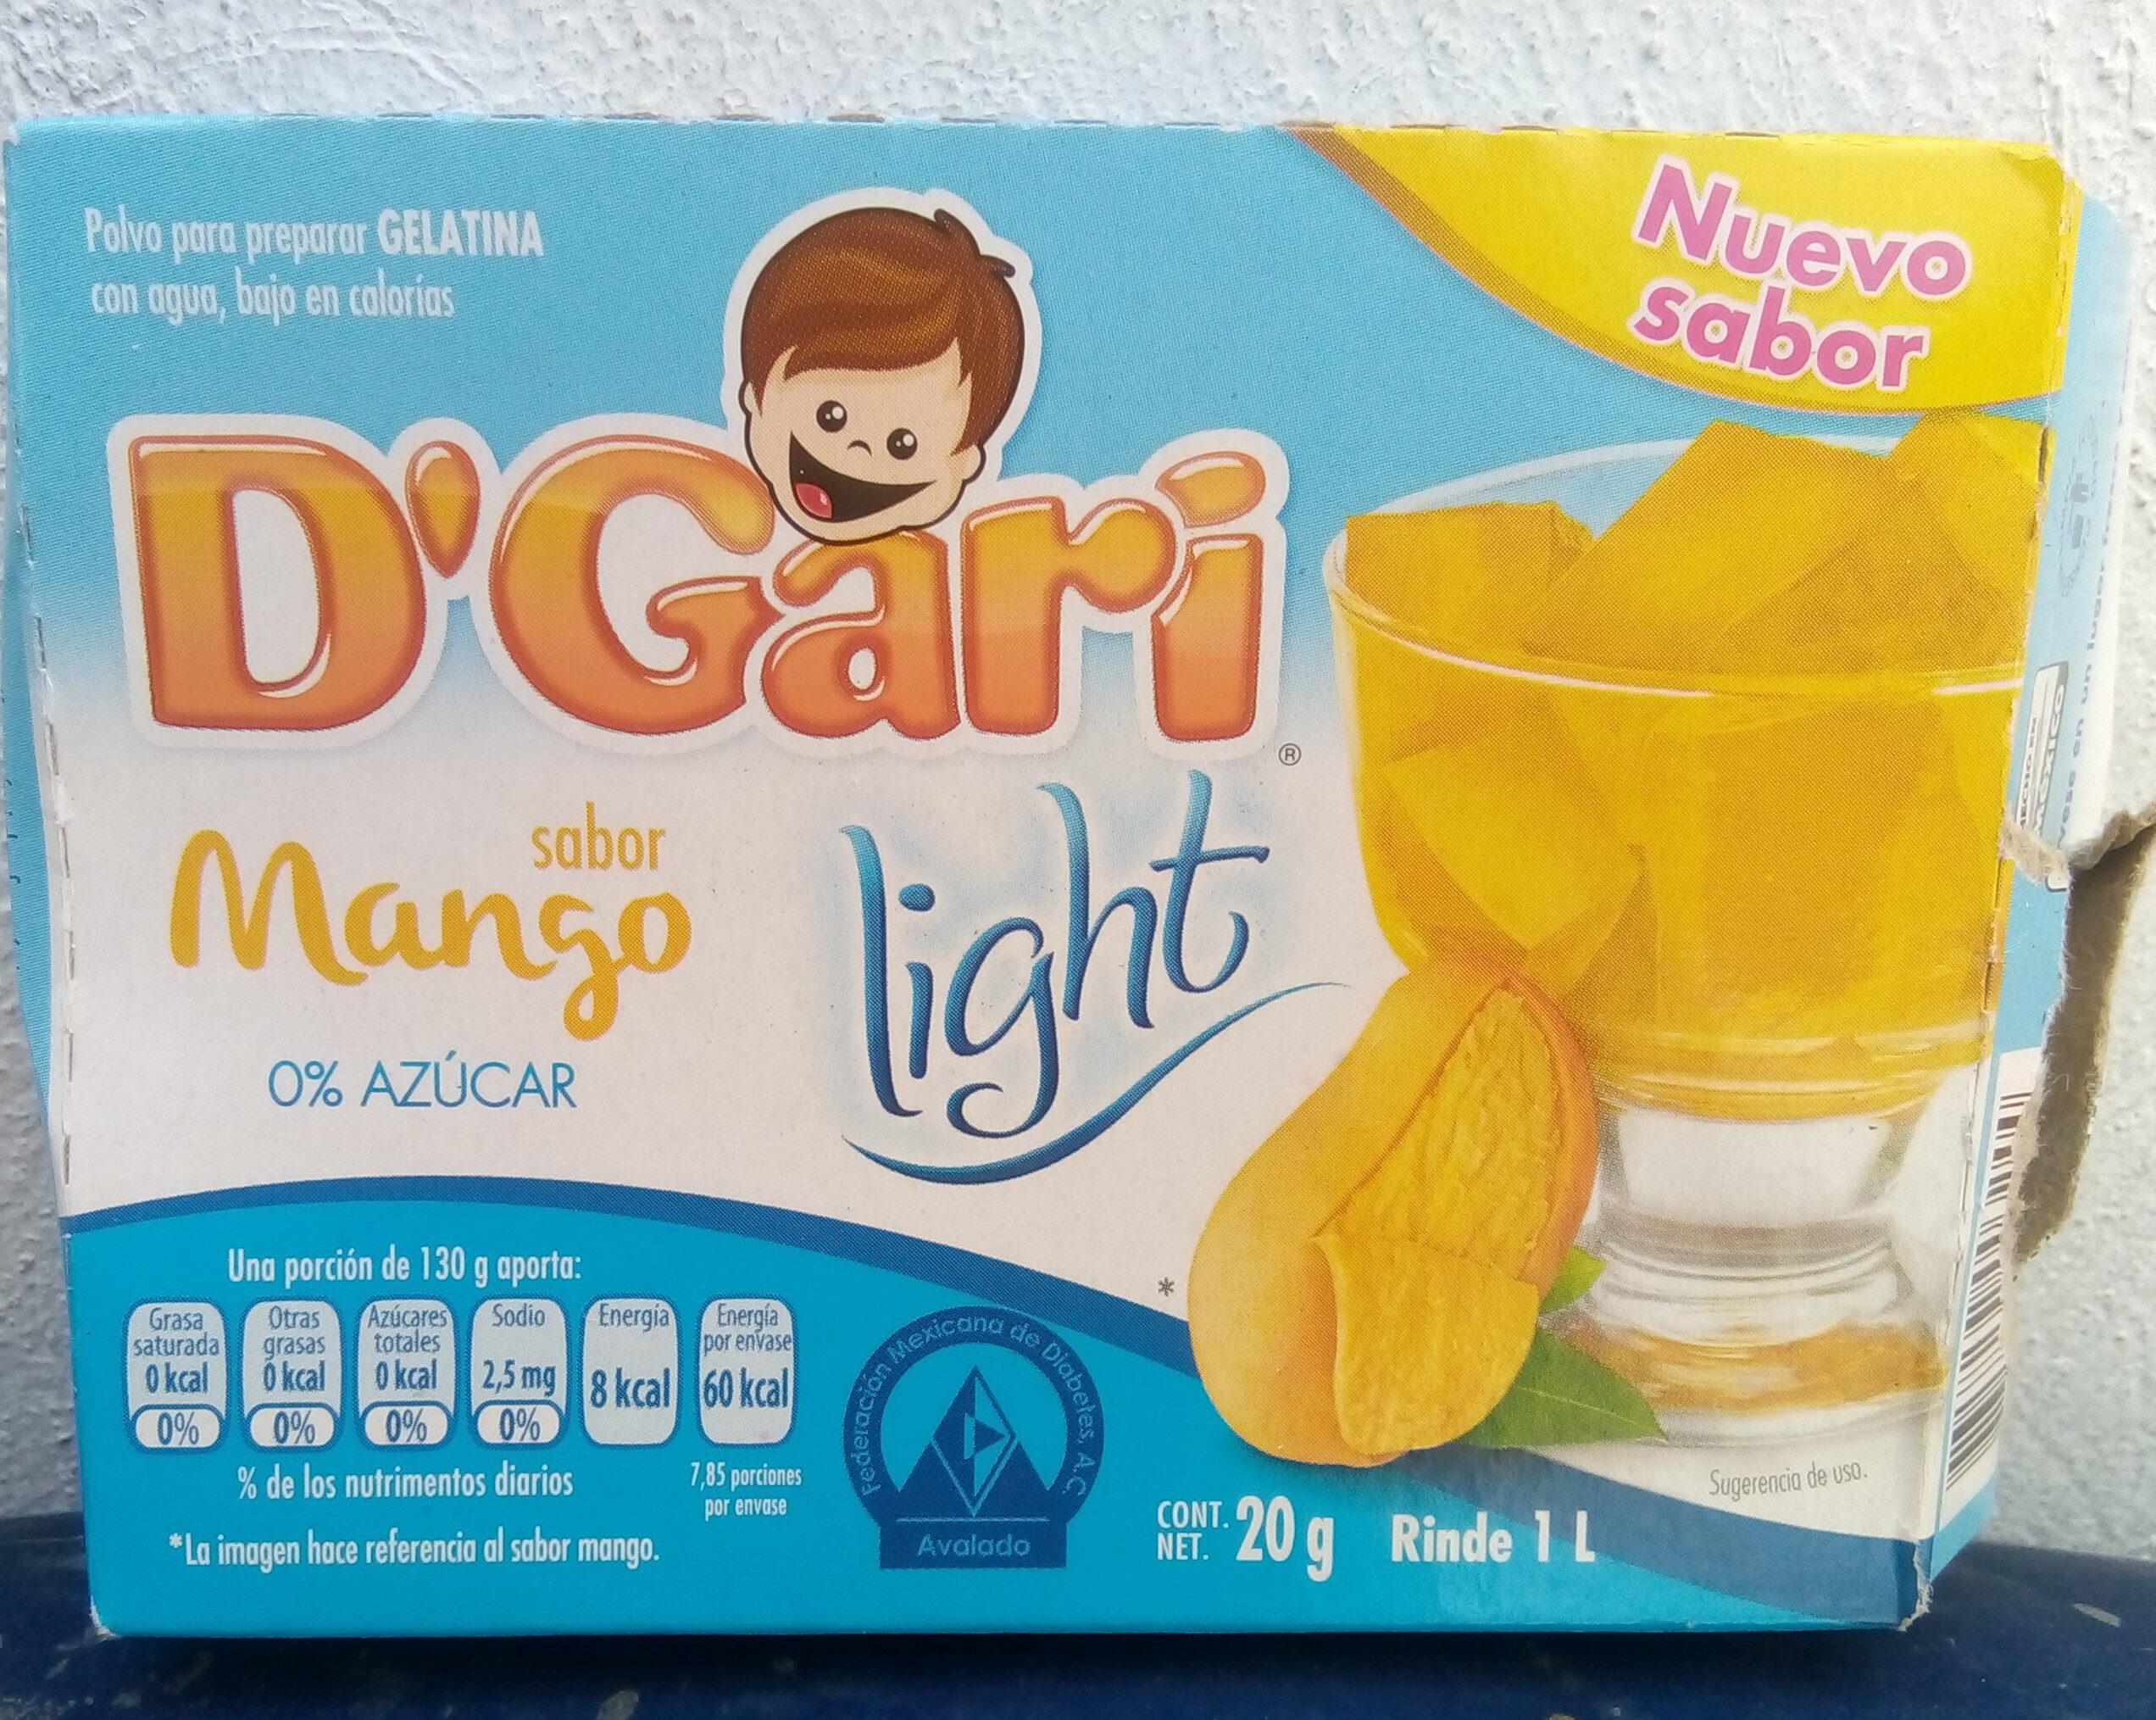 de+que+esta+hecha+la+gelatina+dgari